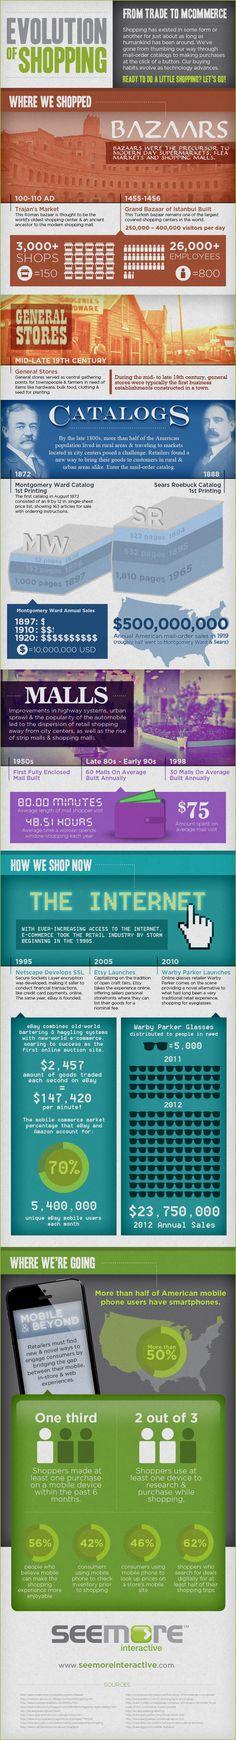 Evolution of #Shopping